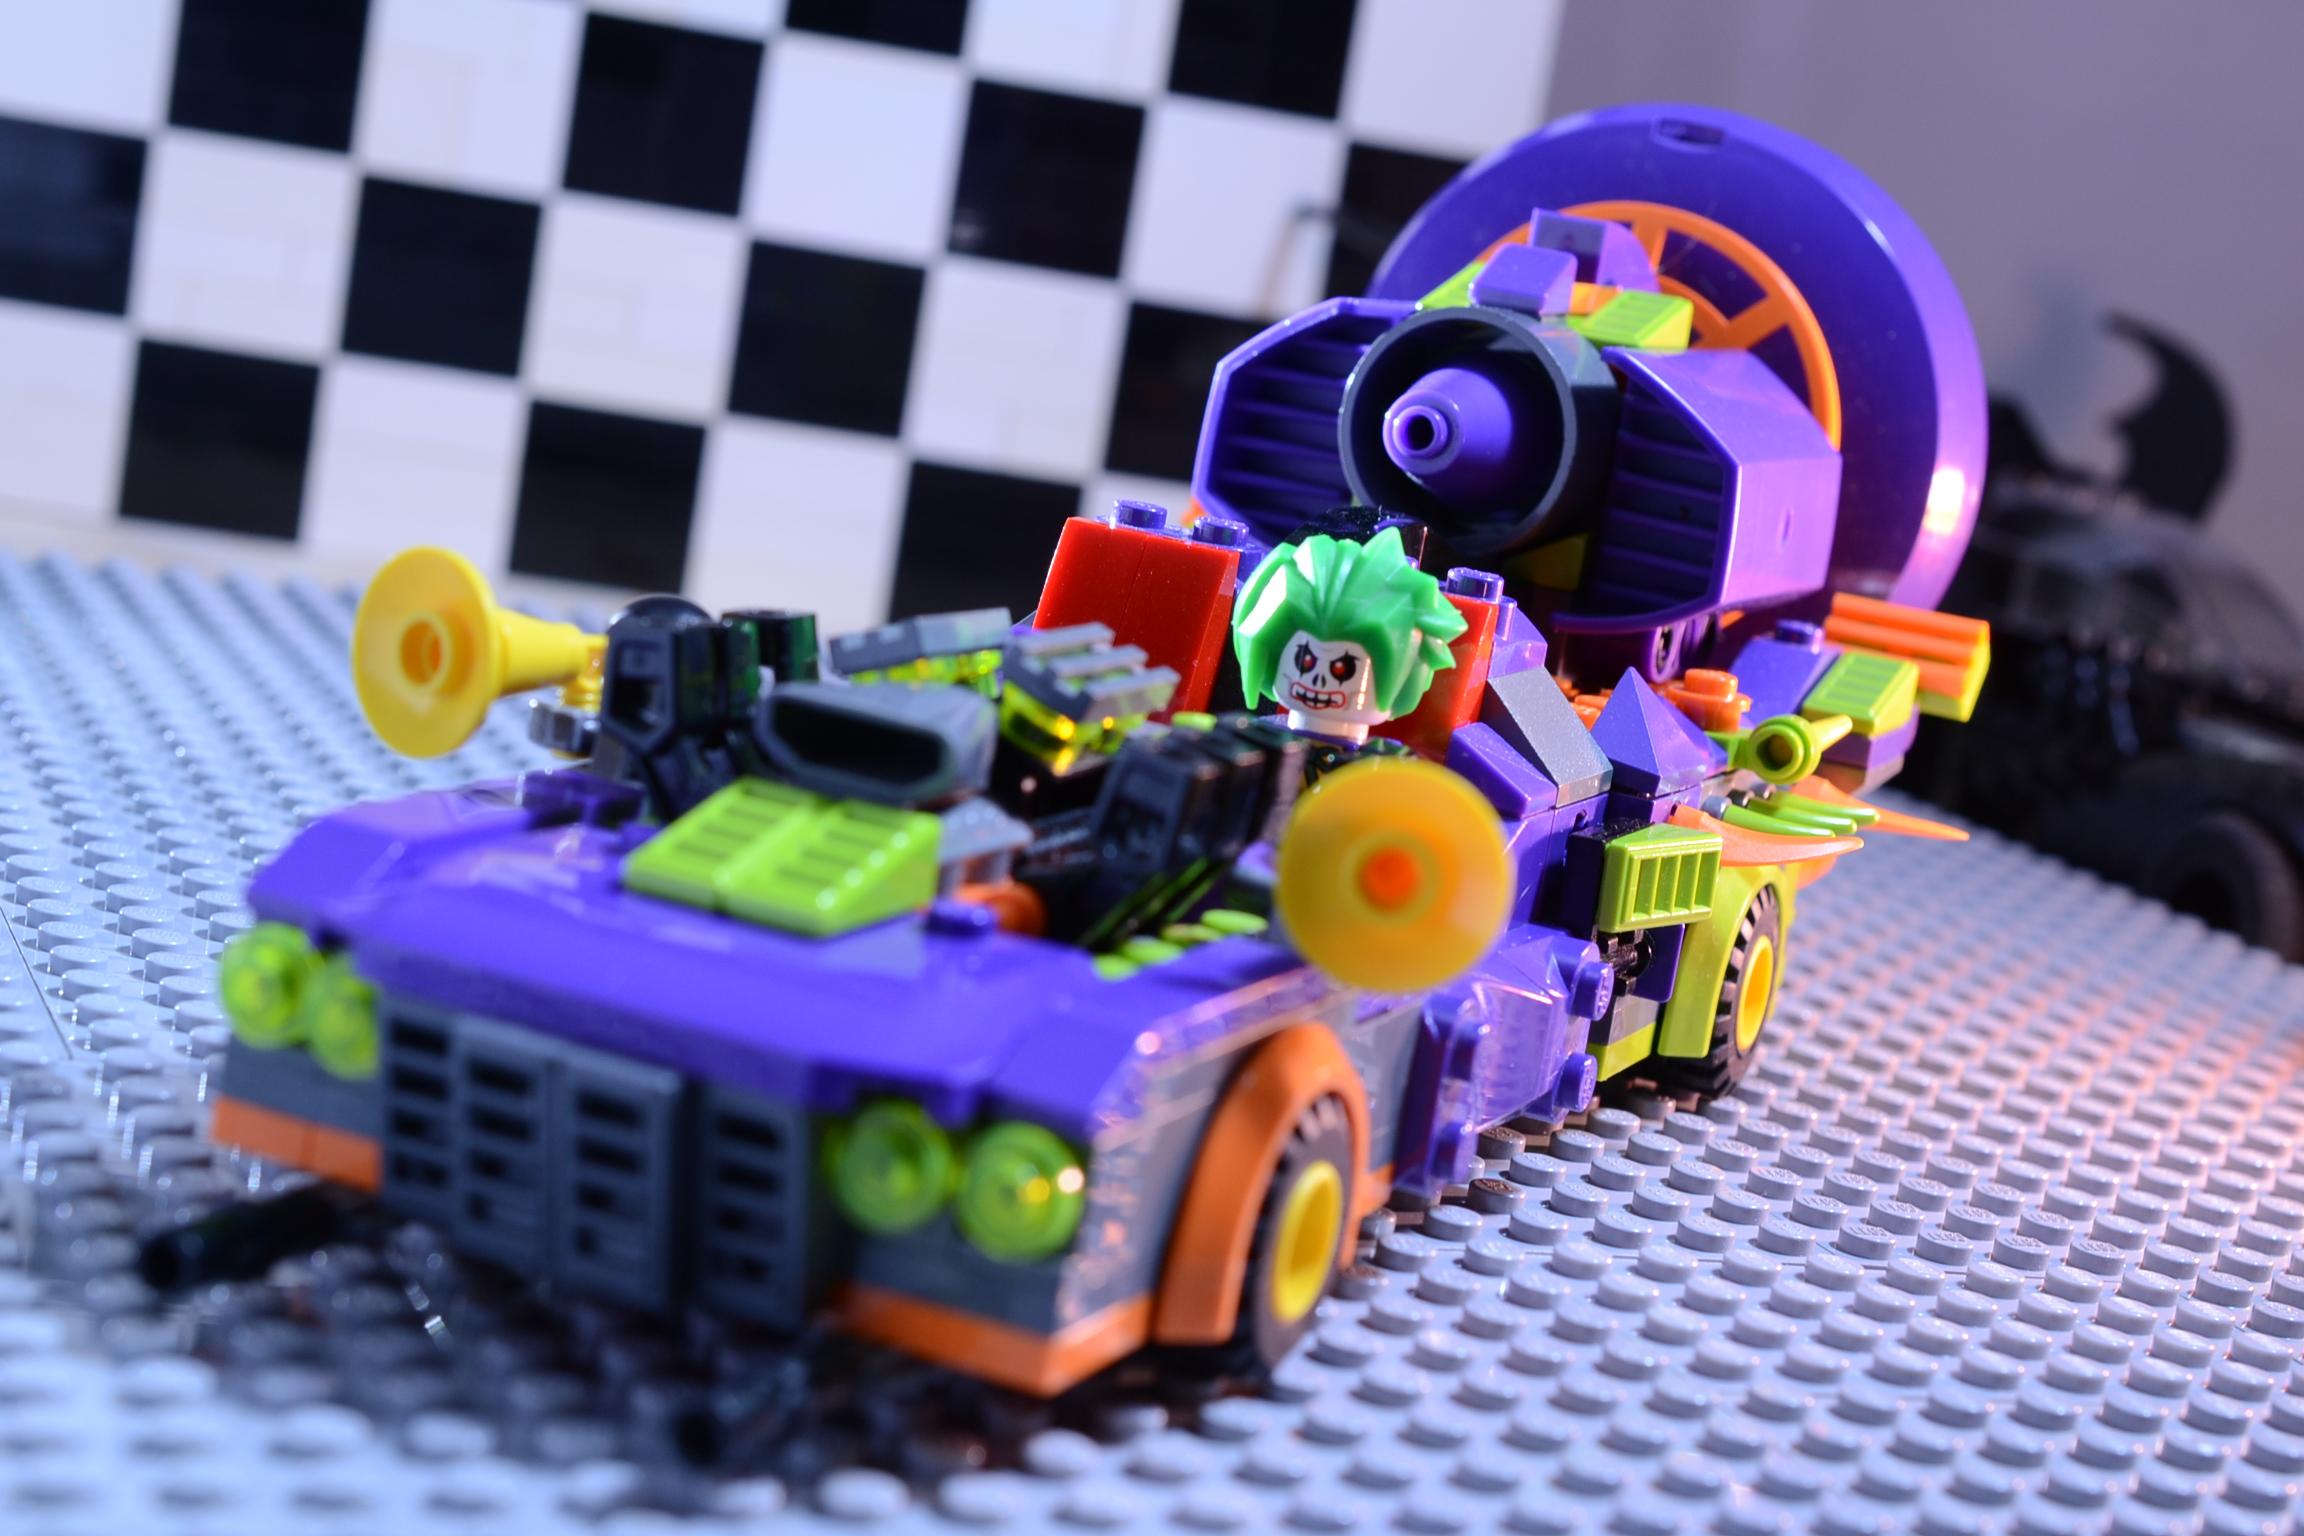 Taustakuvat Auto Violetti Lepakkomies Jokeri Vihreä Keltainen